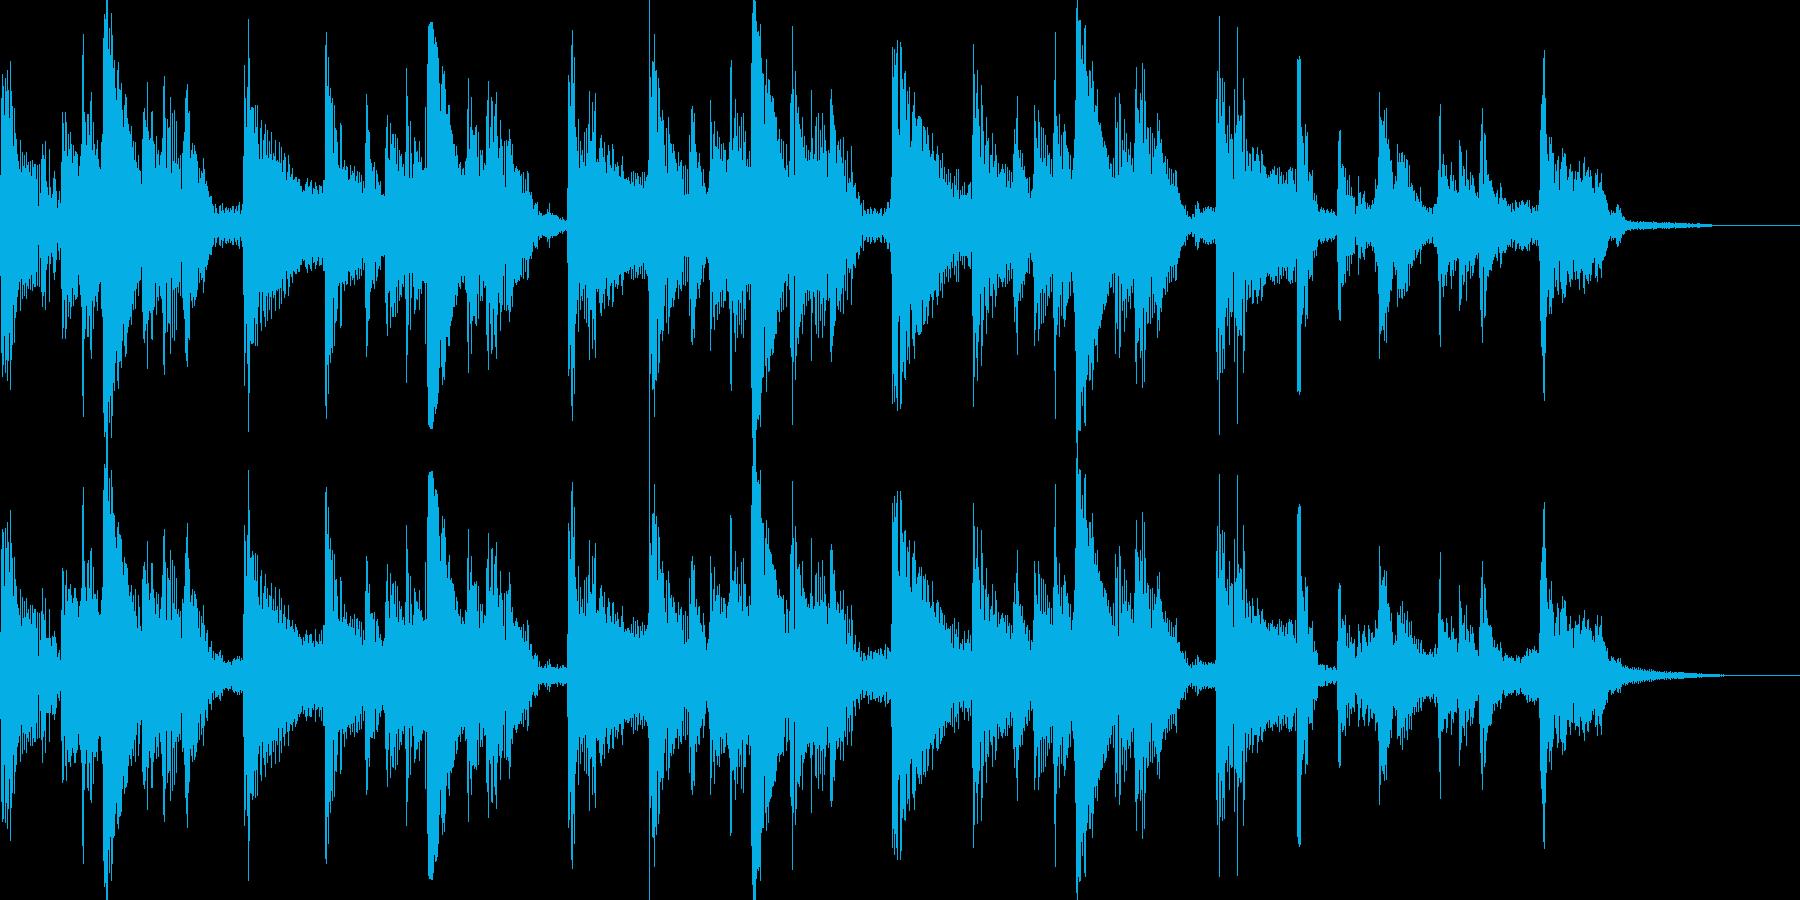 アコギが奏でるBGMの再生済みの波形